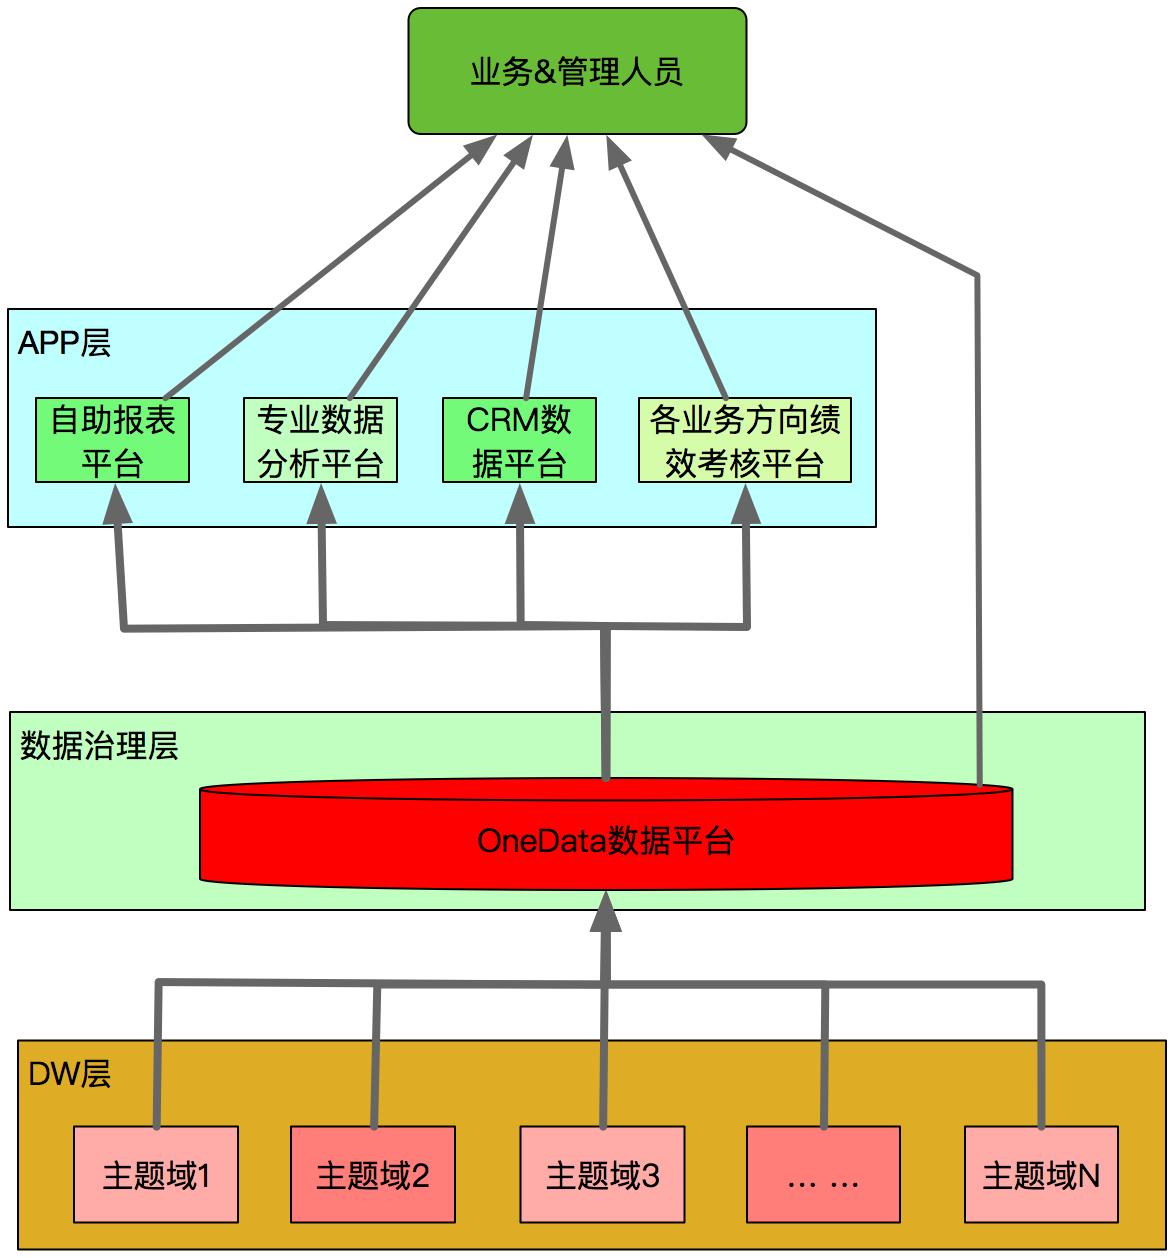 图2 数据治理后的新体系架构图